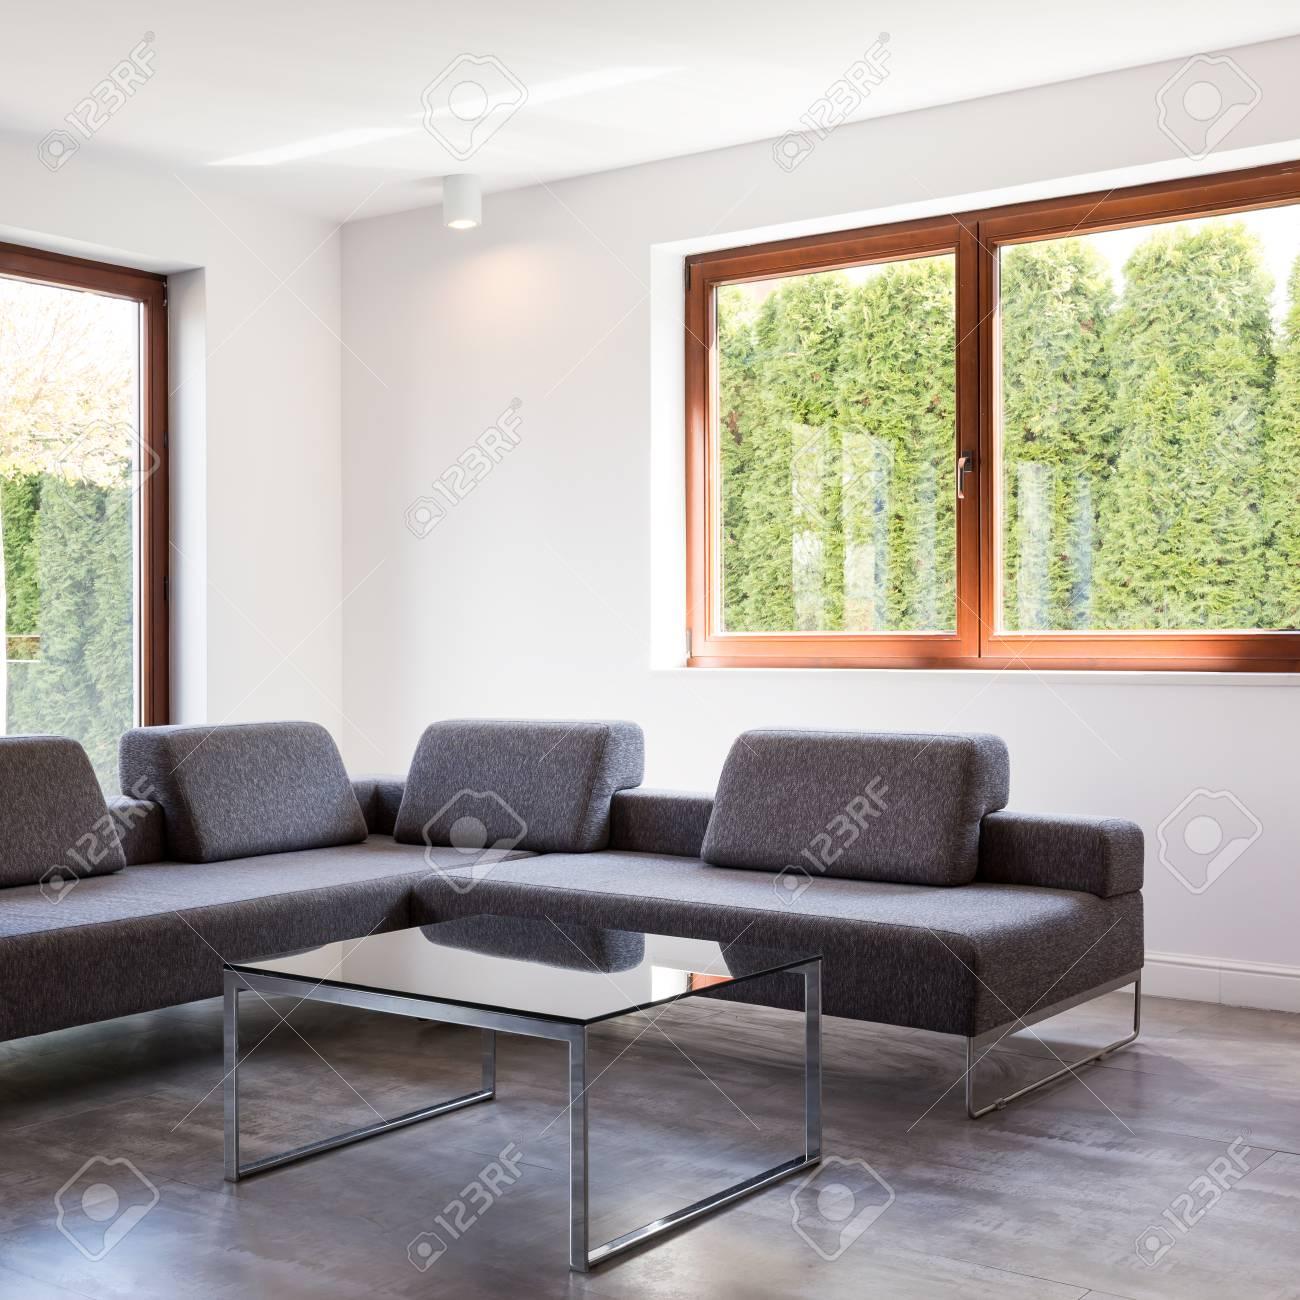 banque dimages salon moderne avec un grand canap gris et une table basse en verre debout par deux fentres